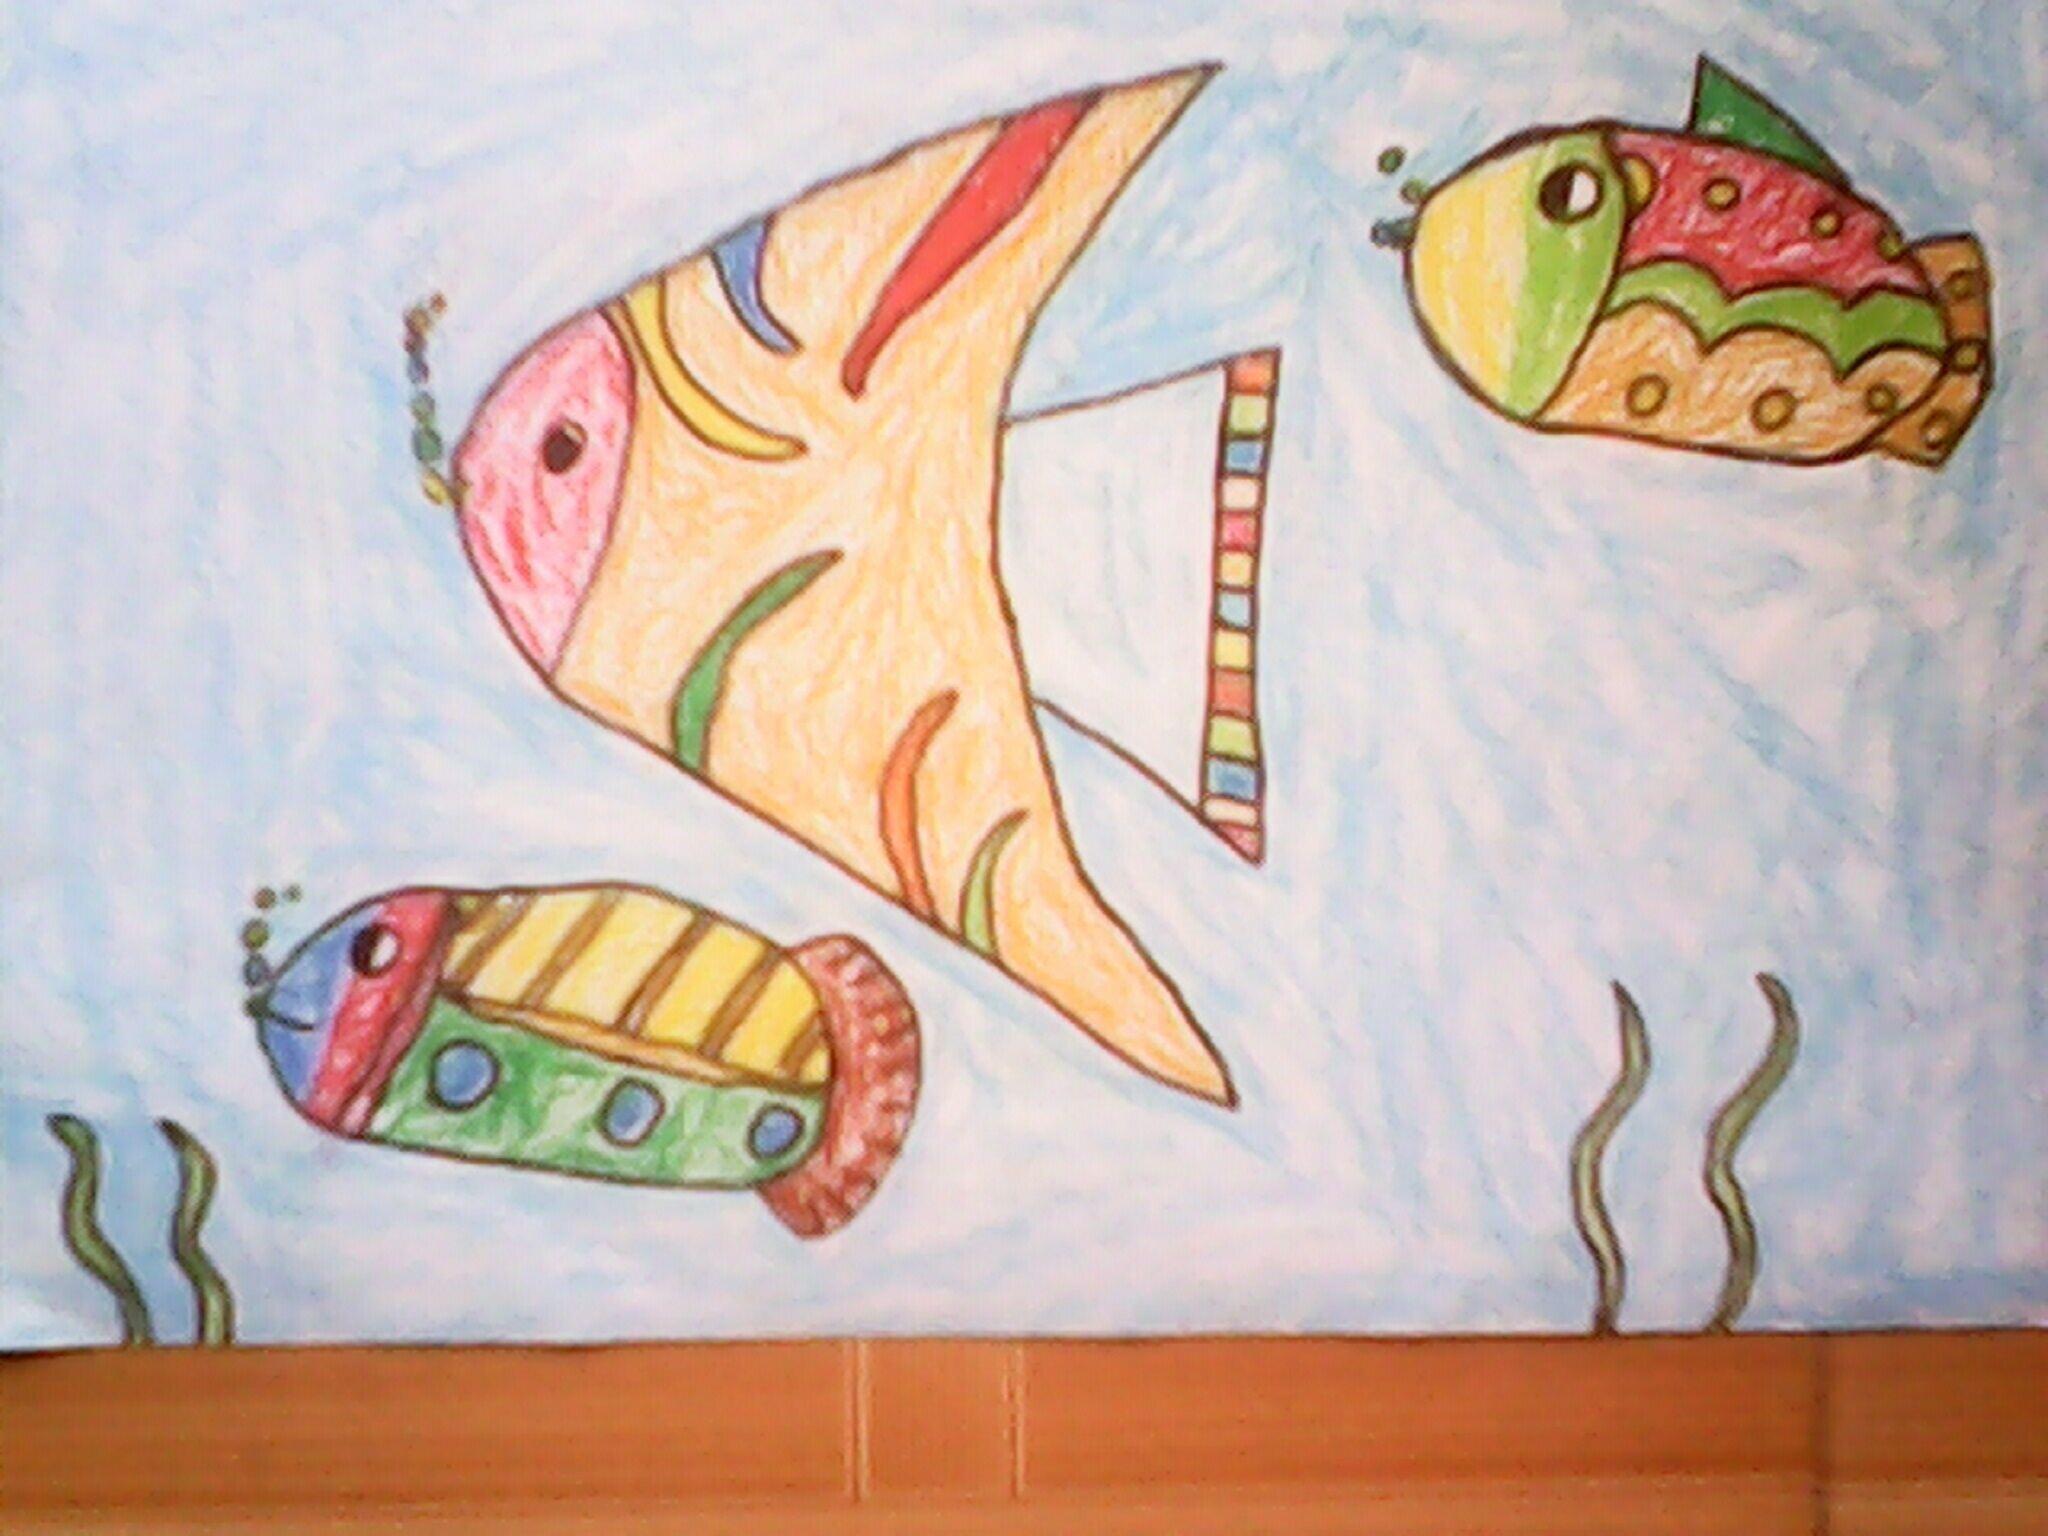 鱼-蜡笔画图集20